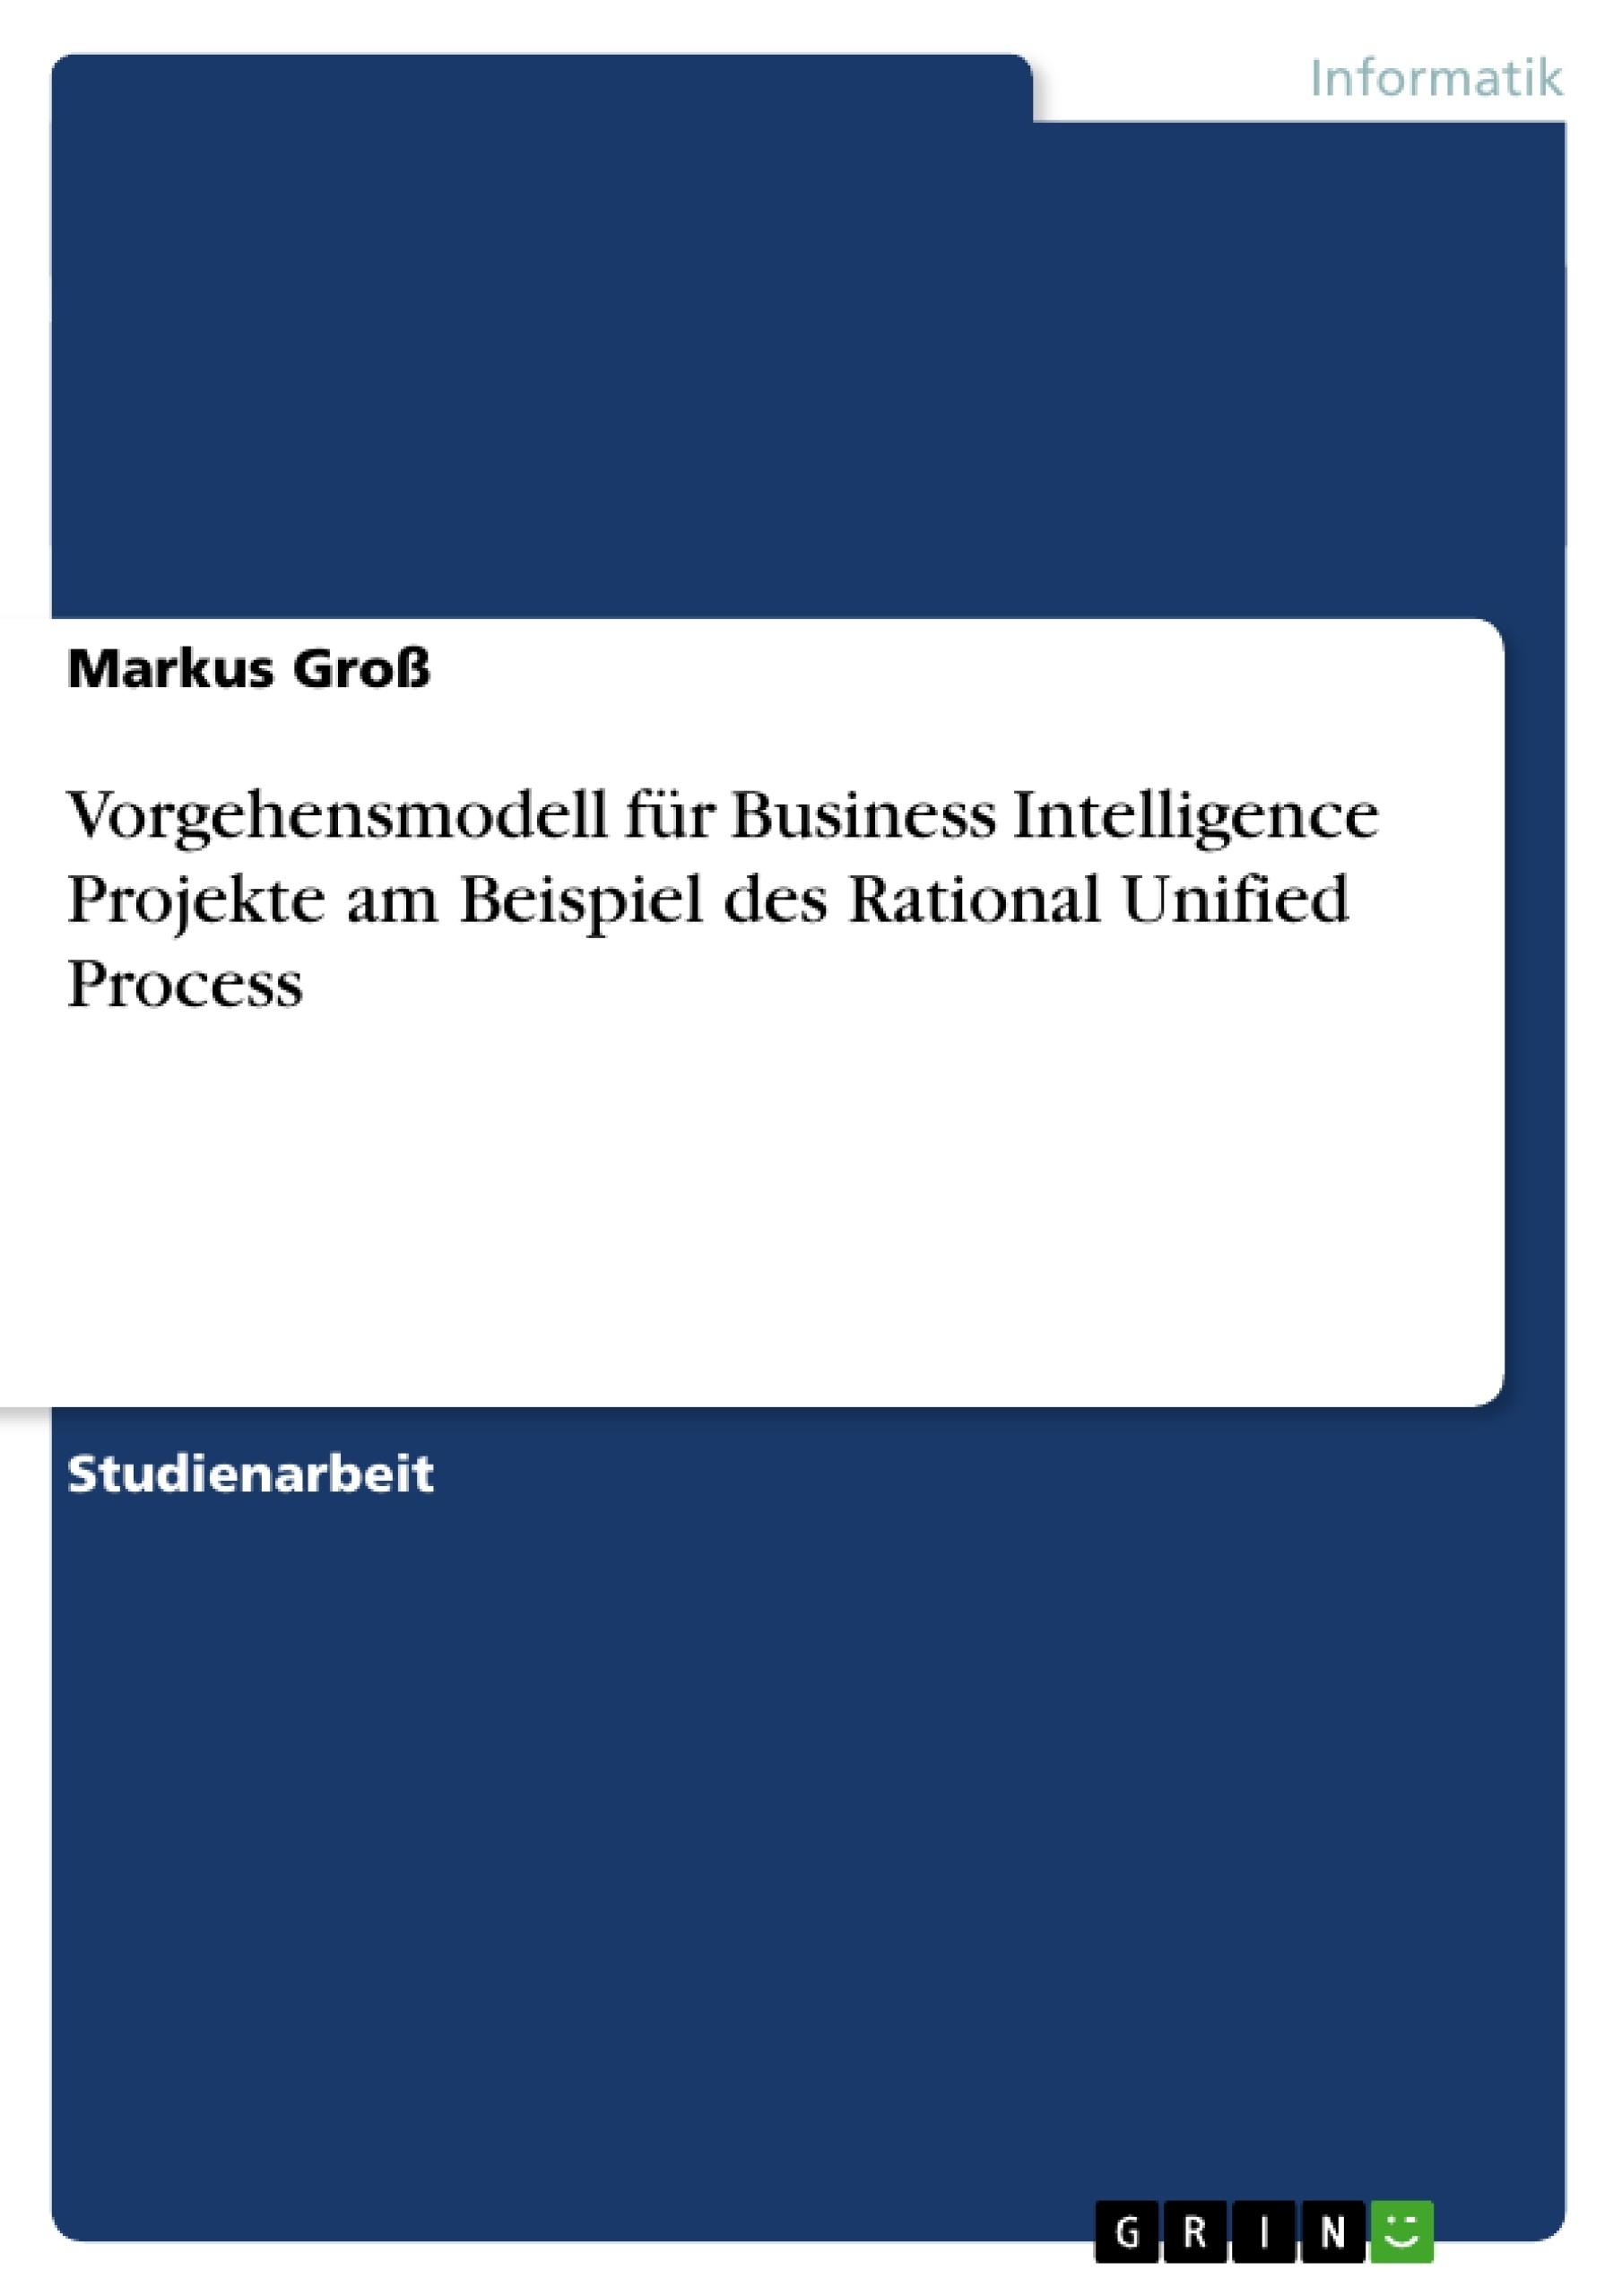 Titel: Vorgehensmodell für Business Intelligence Projekte am Beispiel des Rational Unified Process